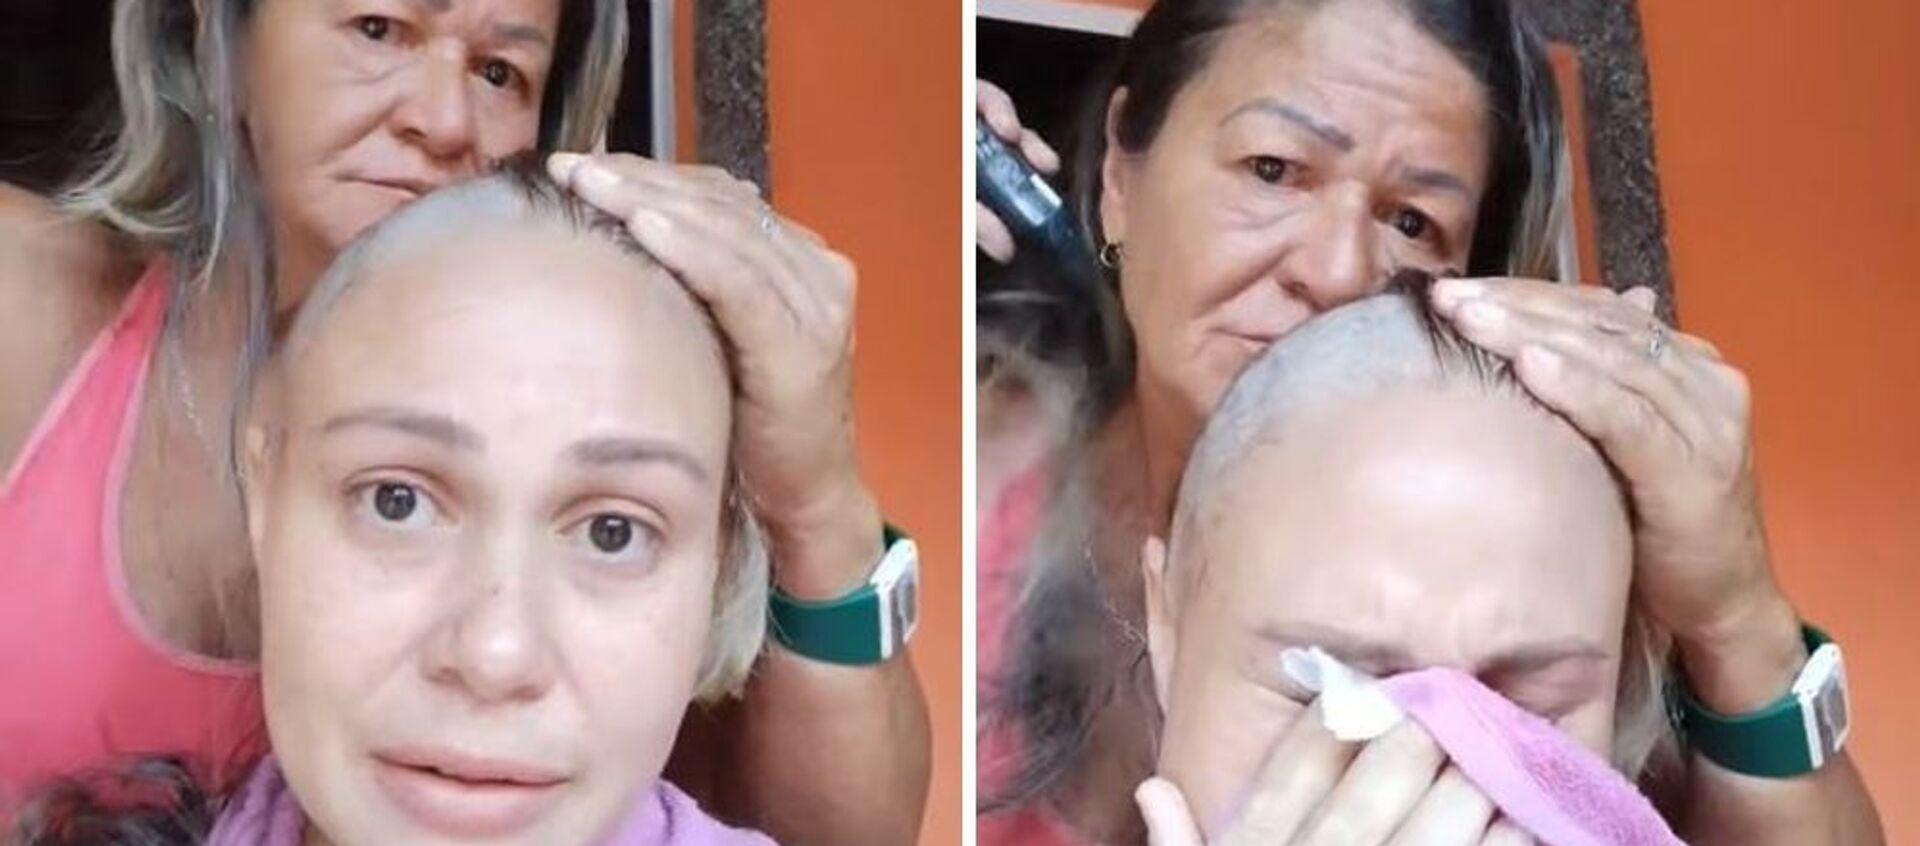 Μάνα ξυρίζει το κεφάλι της για συμπαράσταση στην κόρη της που έχει καρκίνο - Sputnik Ελλάδα, 1920, 28.01.2021